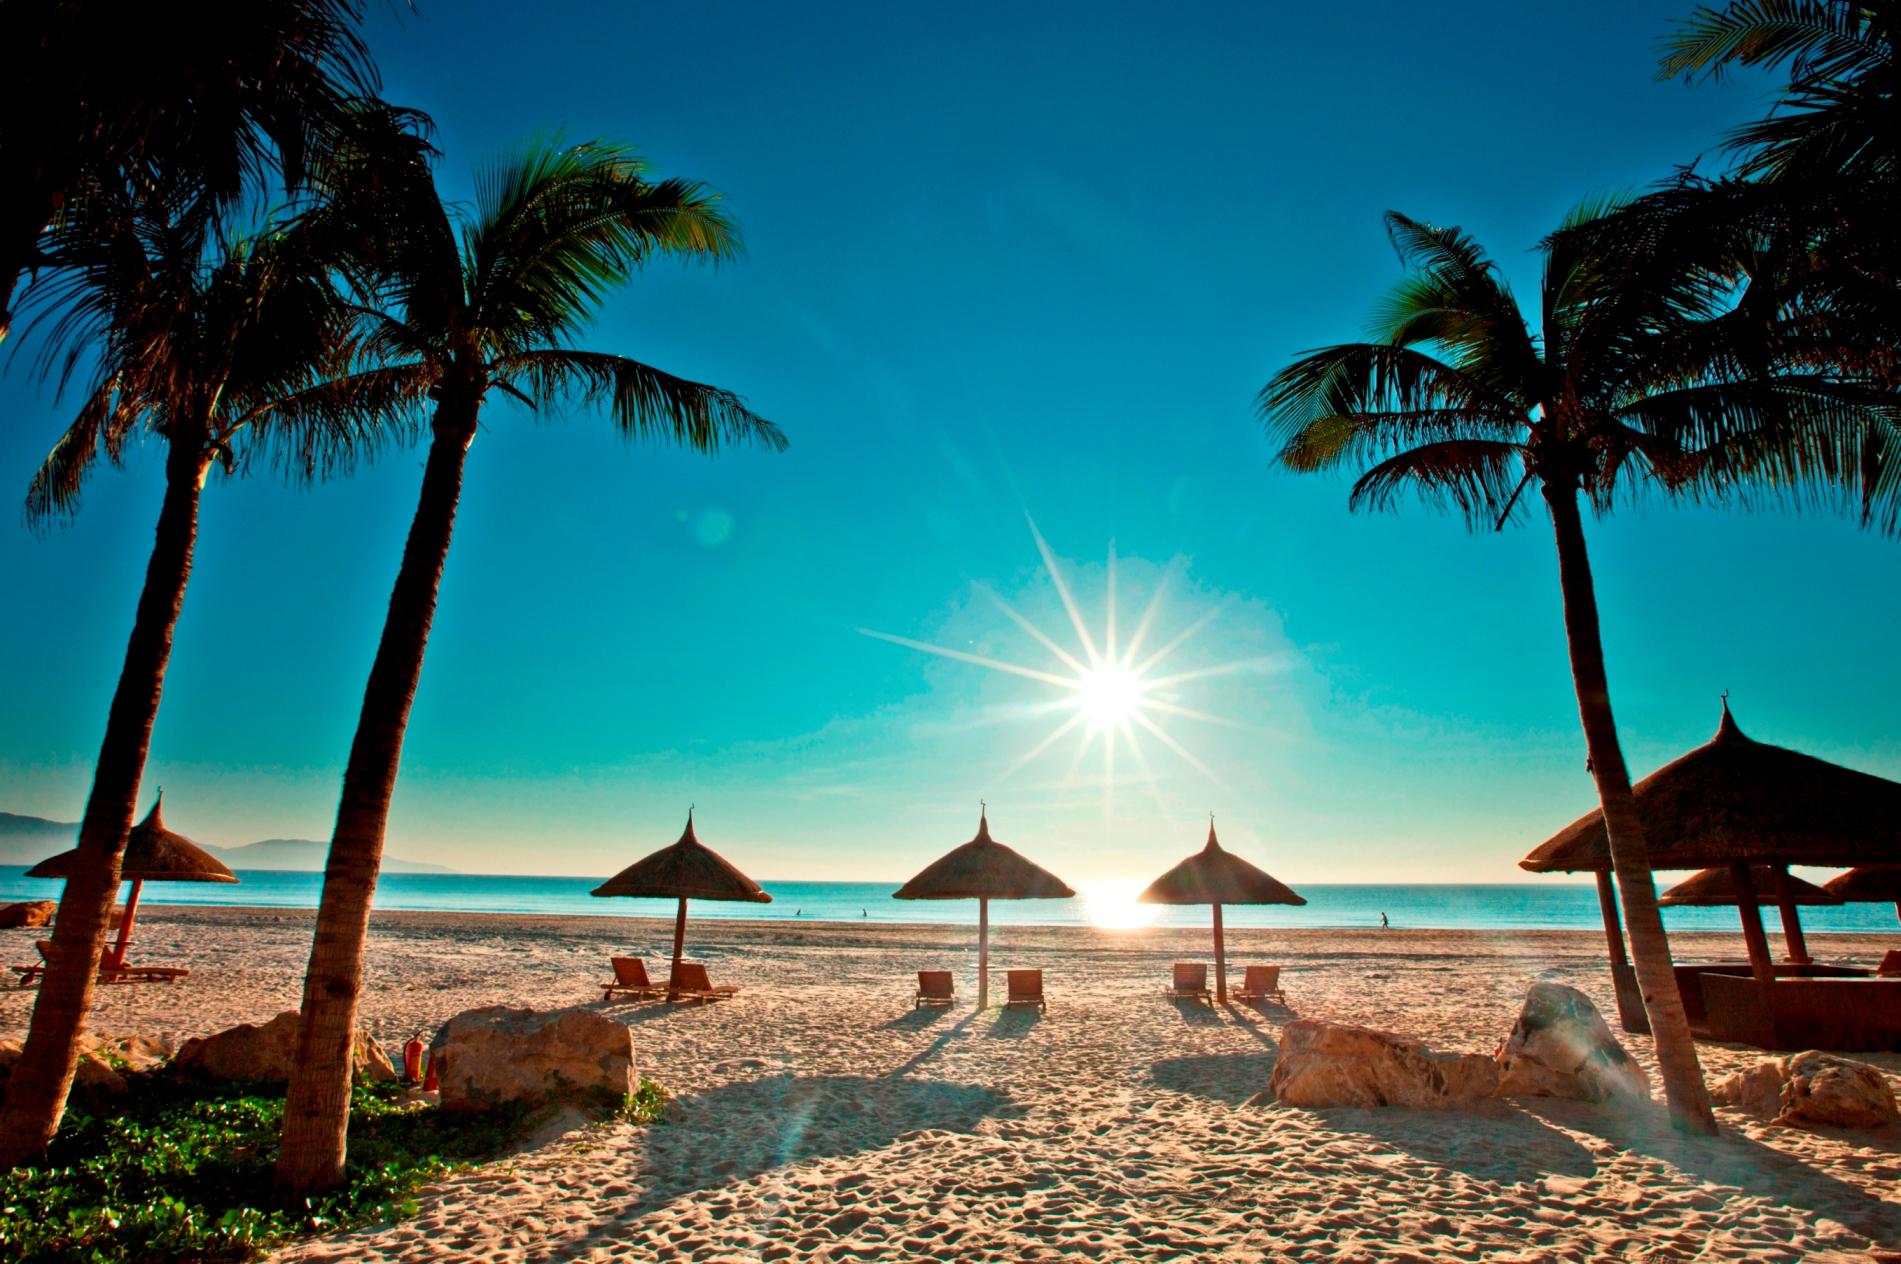 Nha Trang là một trong những địa điểm du lịch Tết lý tưởng nhất tại Việt Nam